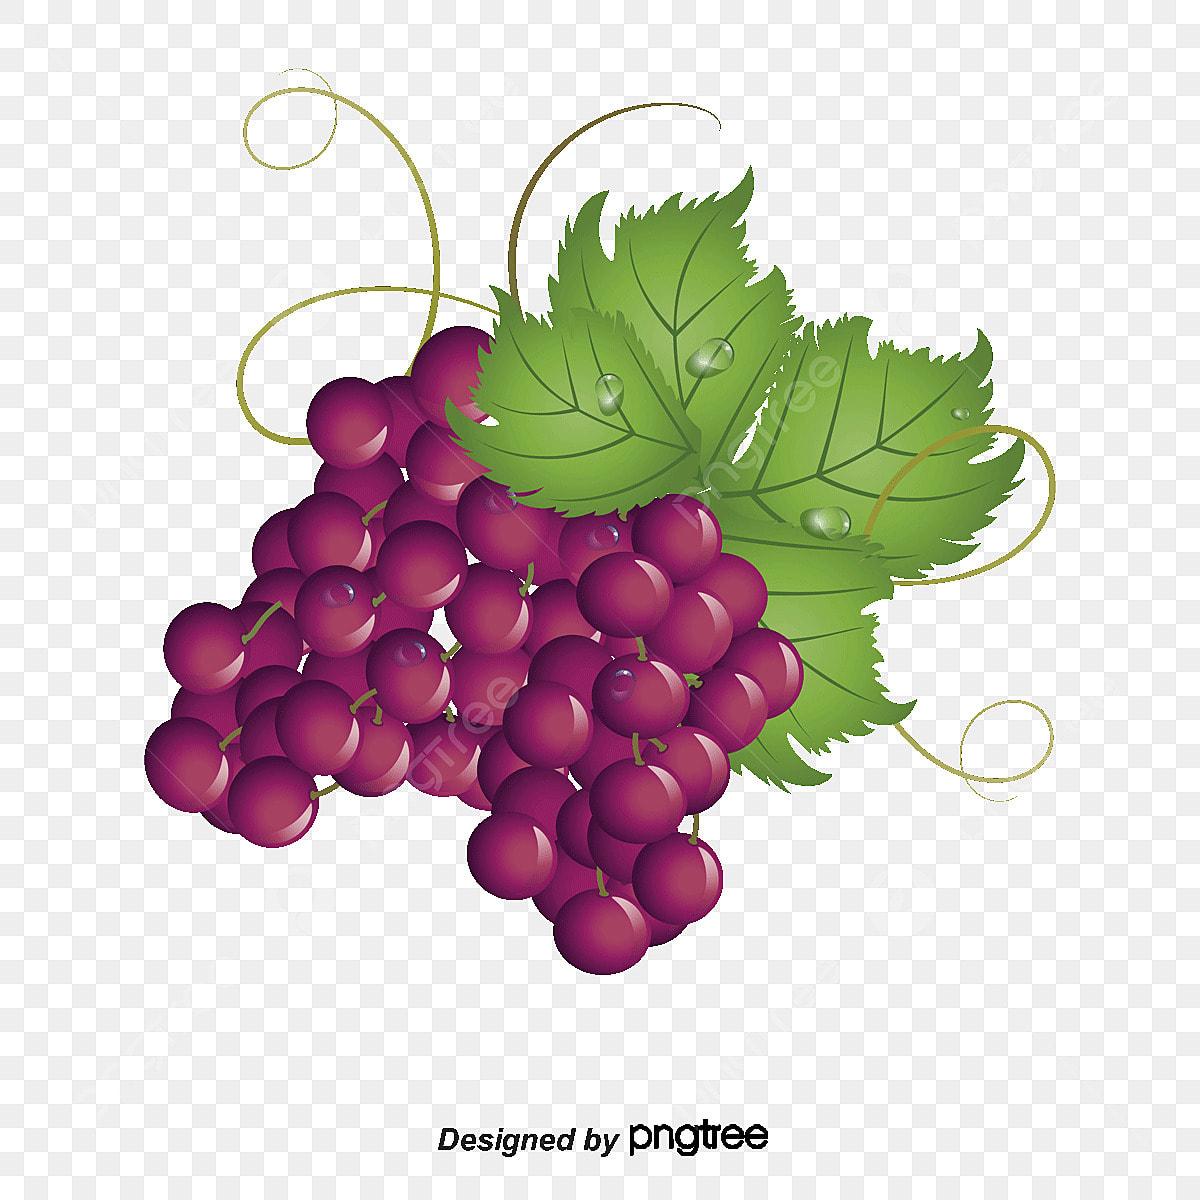 71+ Gambar Anggur Dan Mangga Terlihat Keren